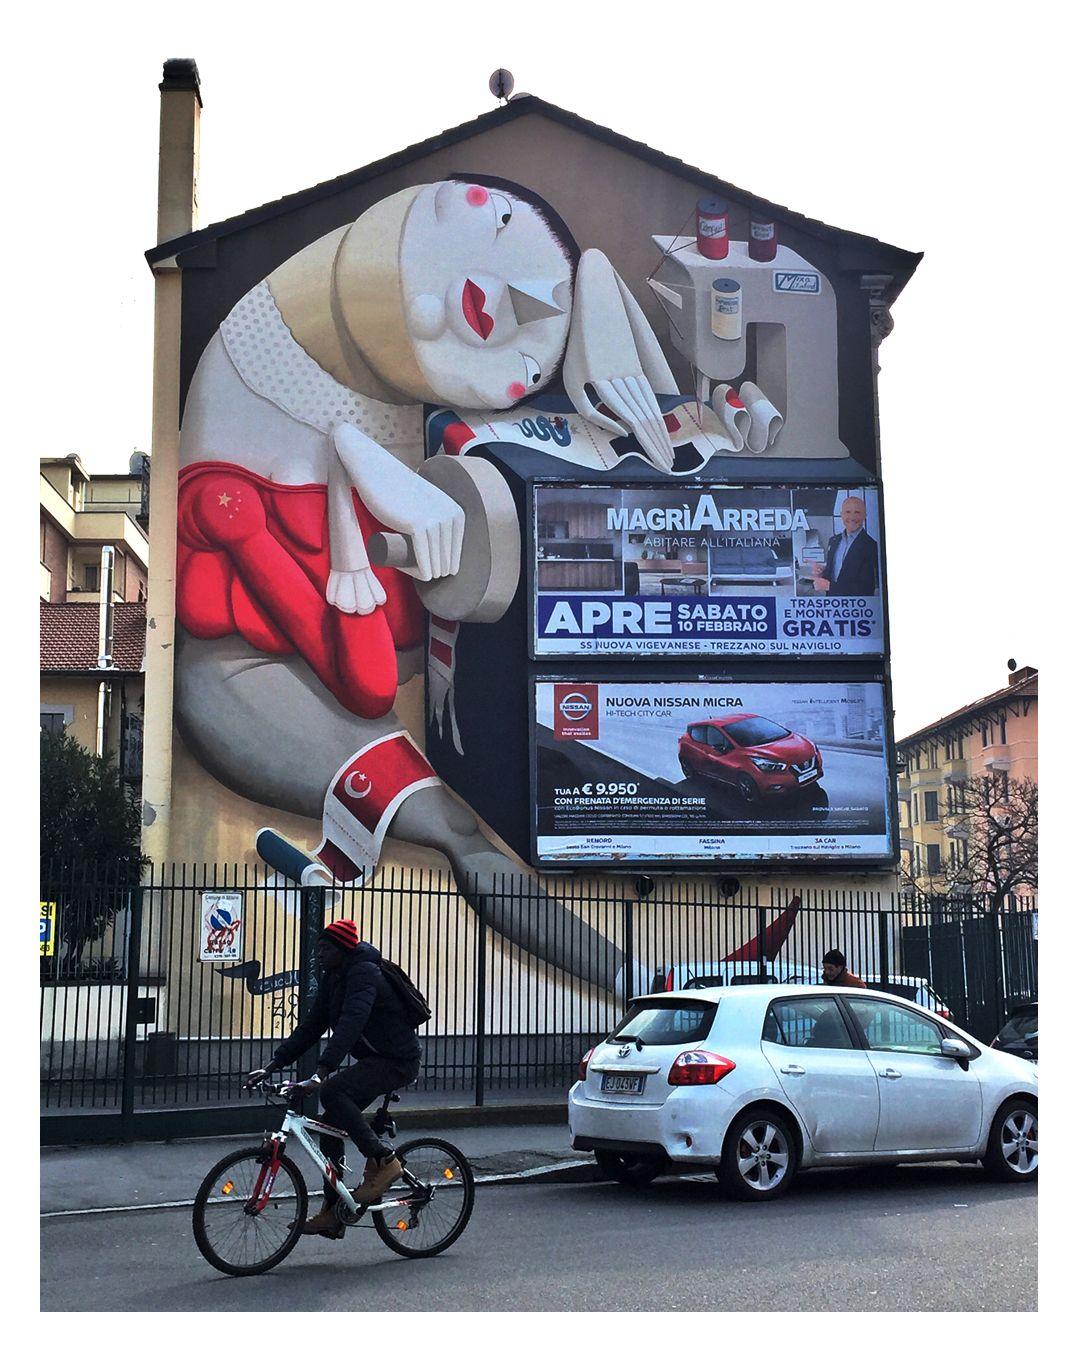 Hookedblog Uk Street Art News Street Art And Street